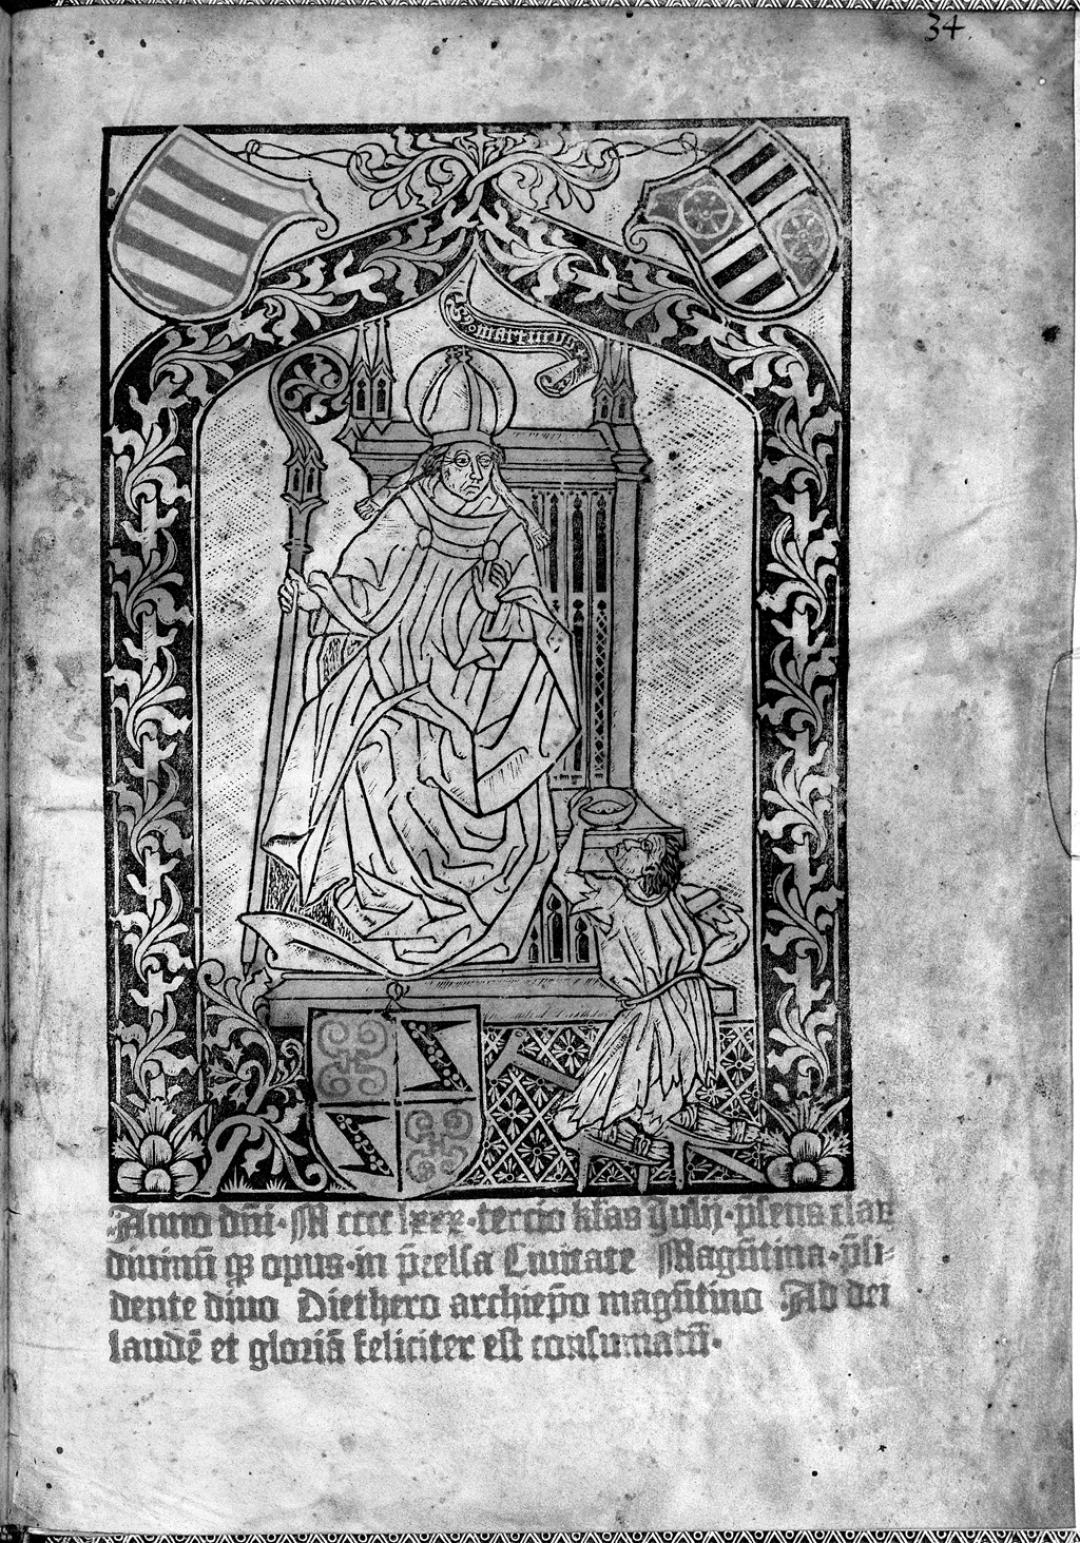 Saint Martin in Diether von Isenburg's Agenda Moguntinensis, 1480